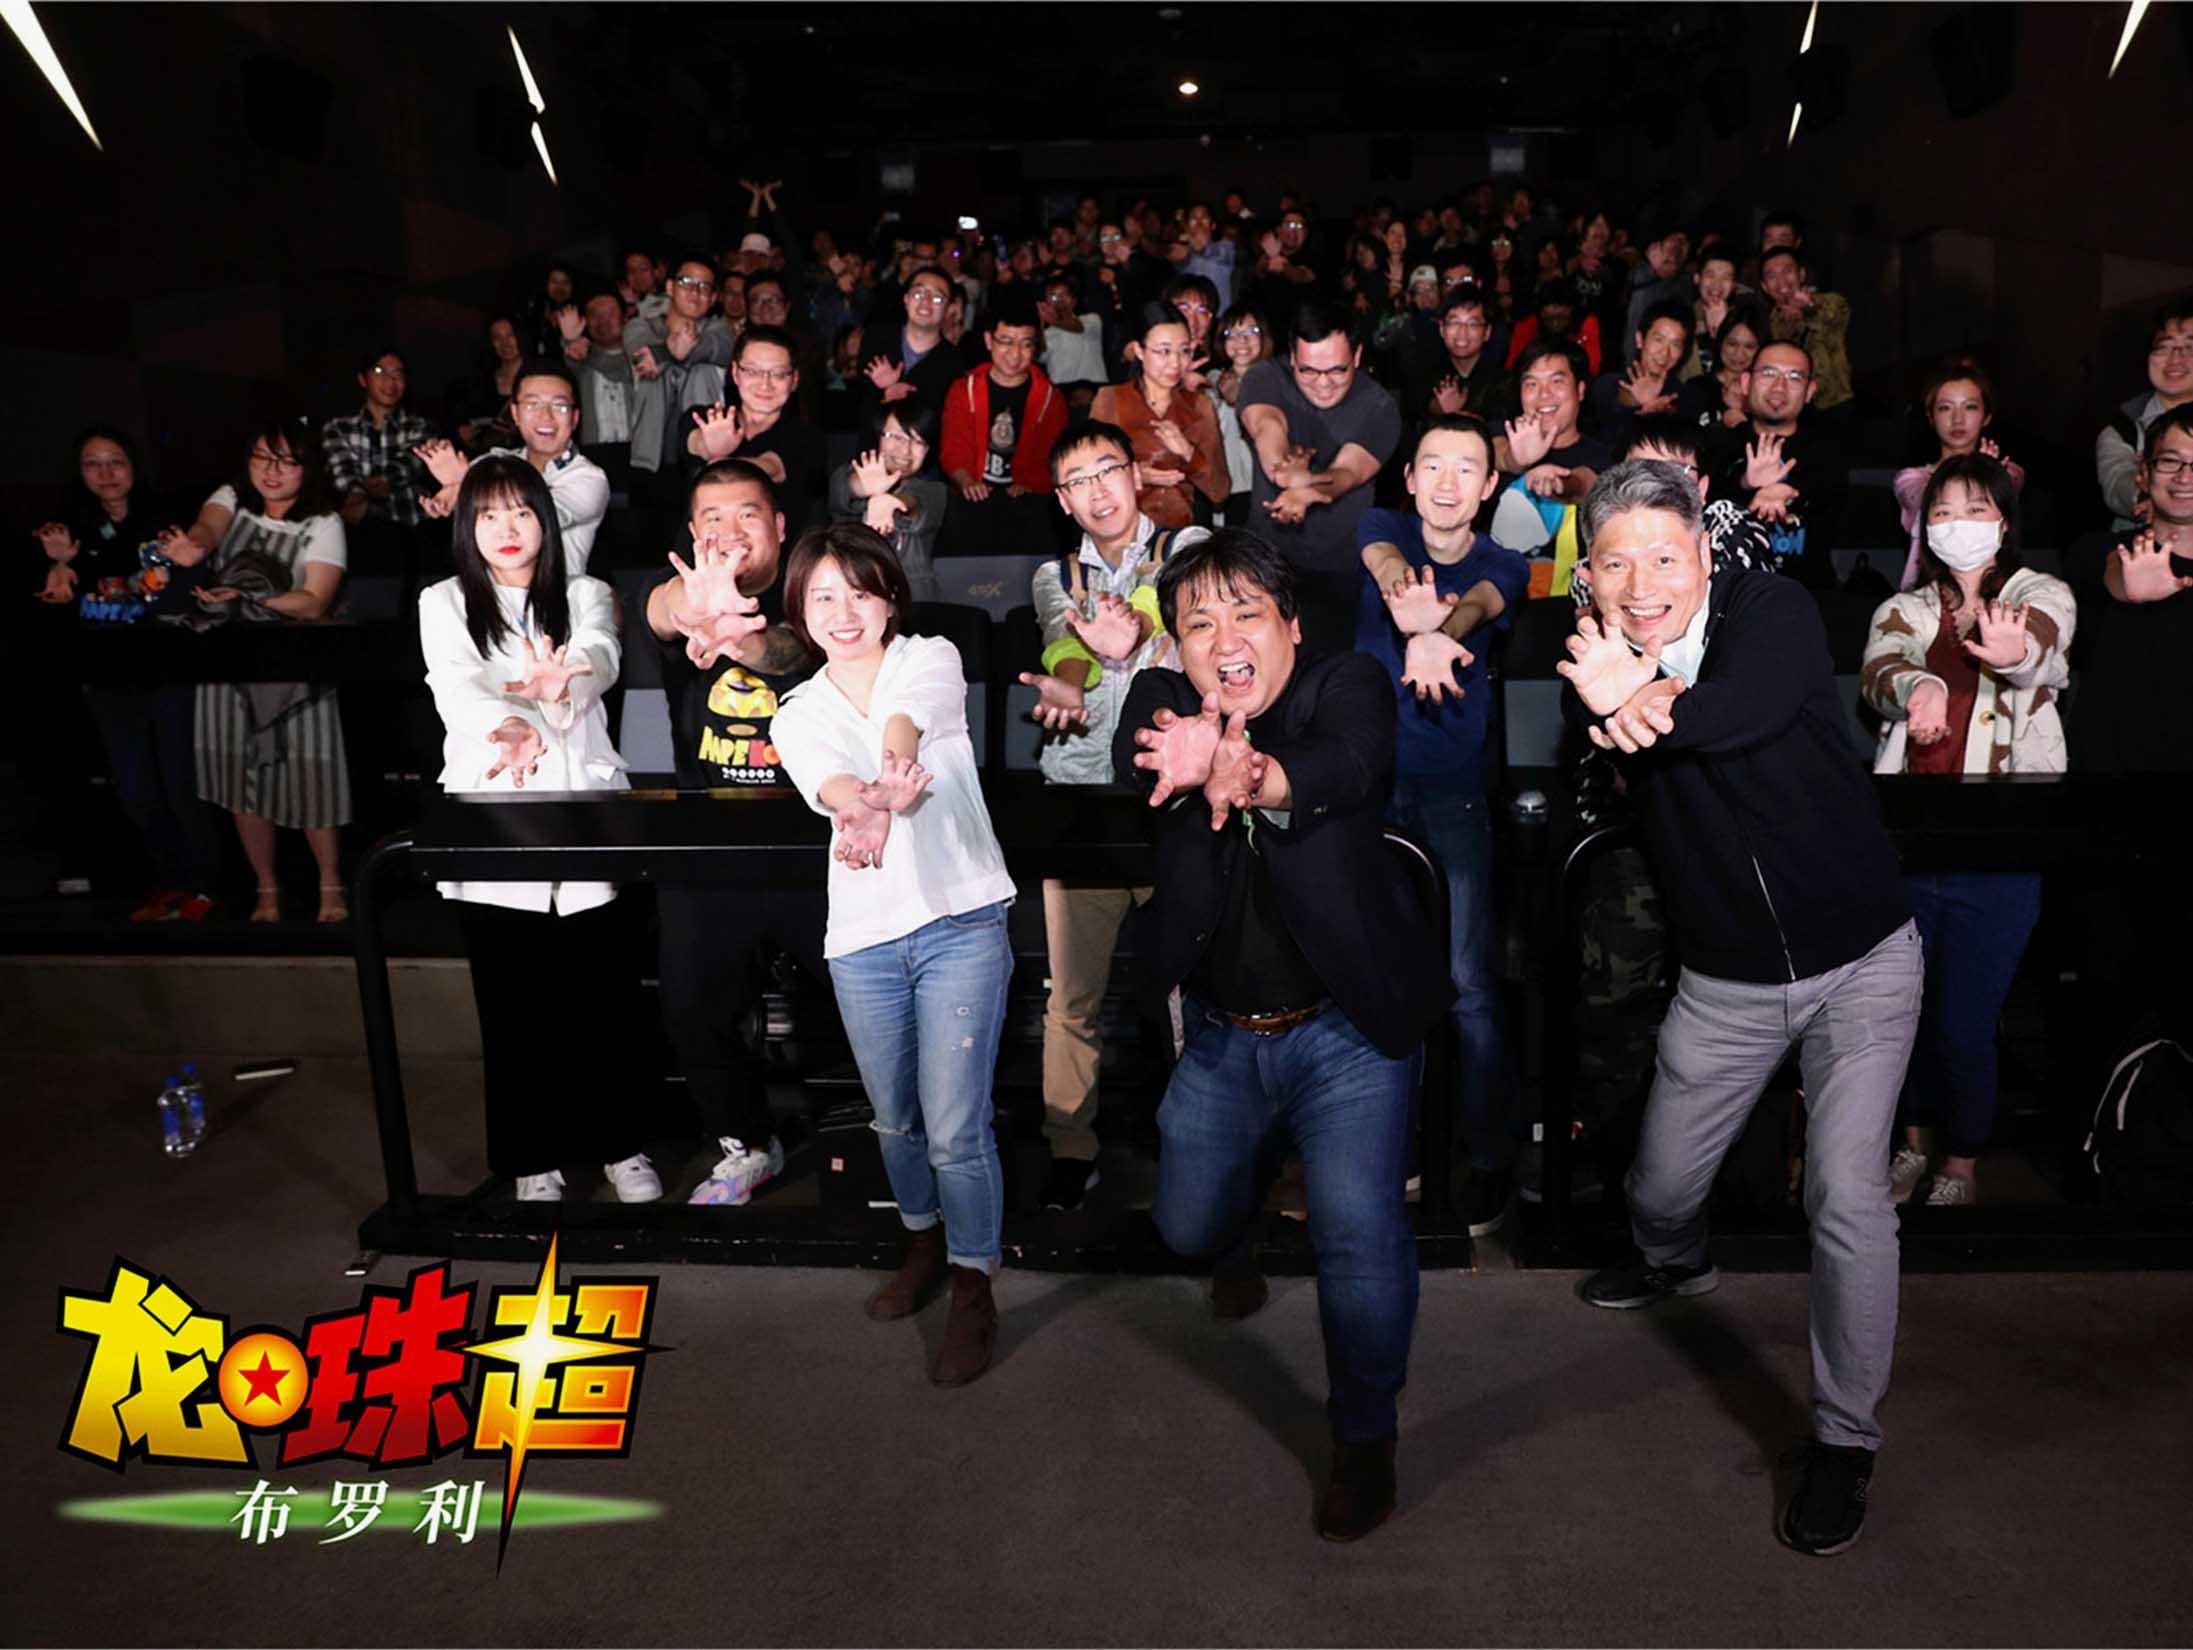 动漫剧场版《龙珠超:布罗利》在北京国际电影节展映